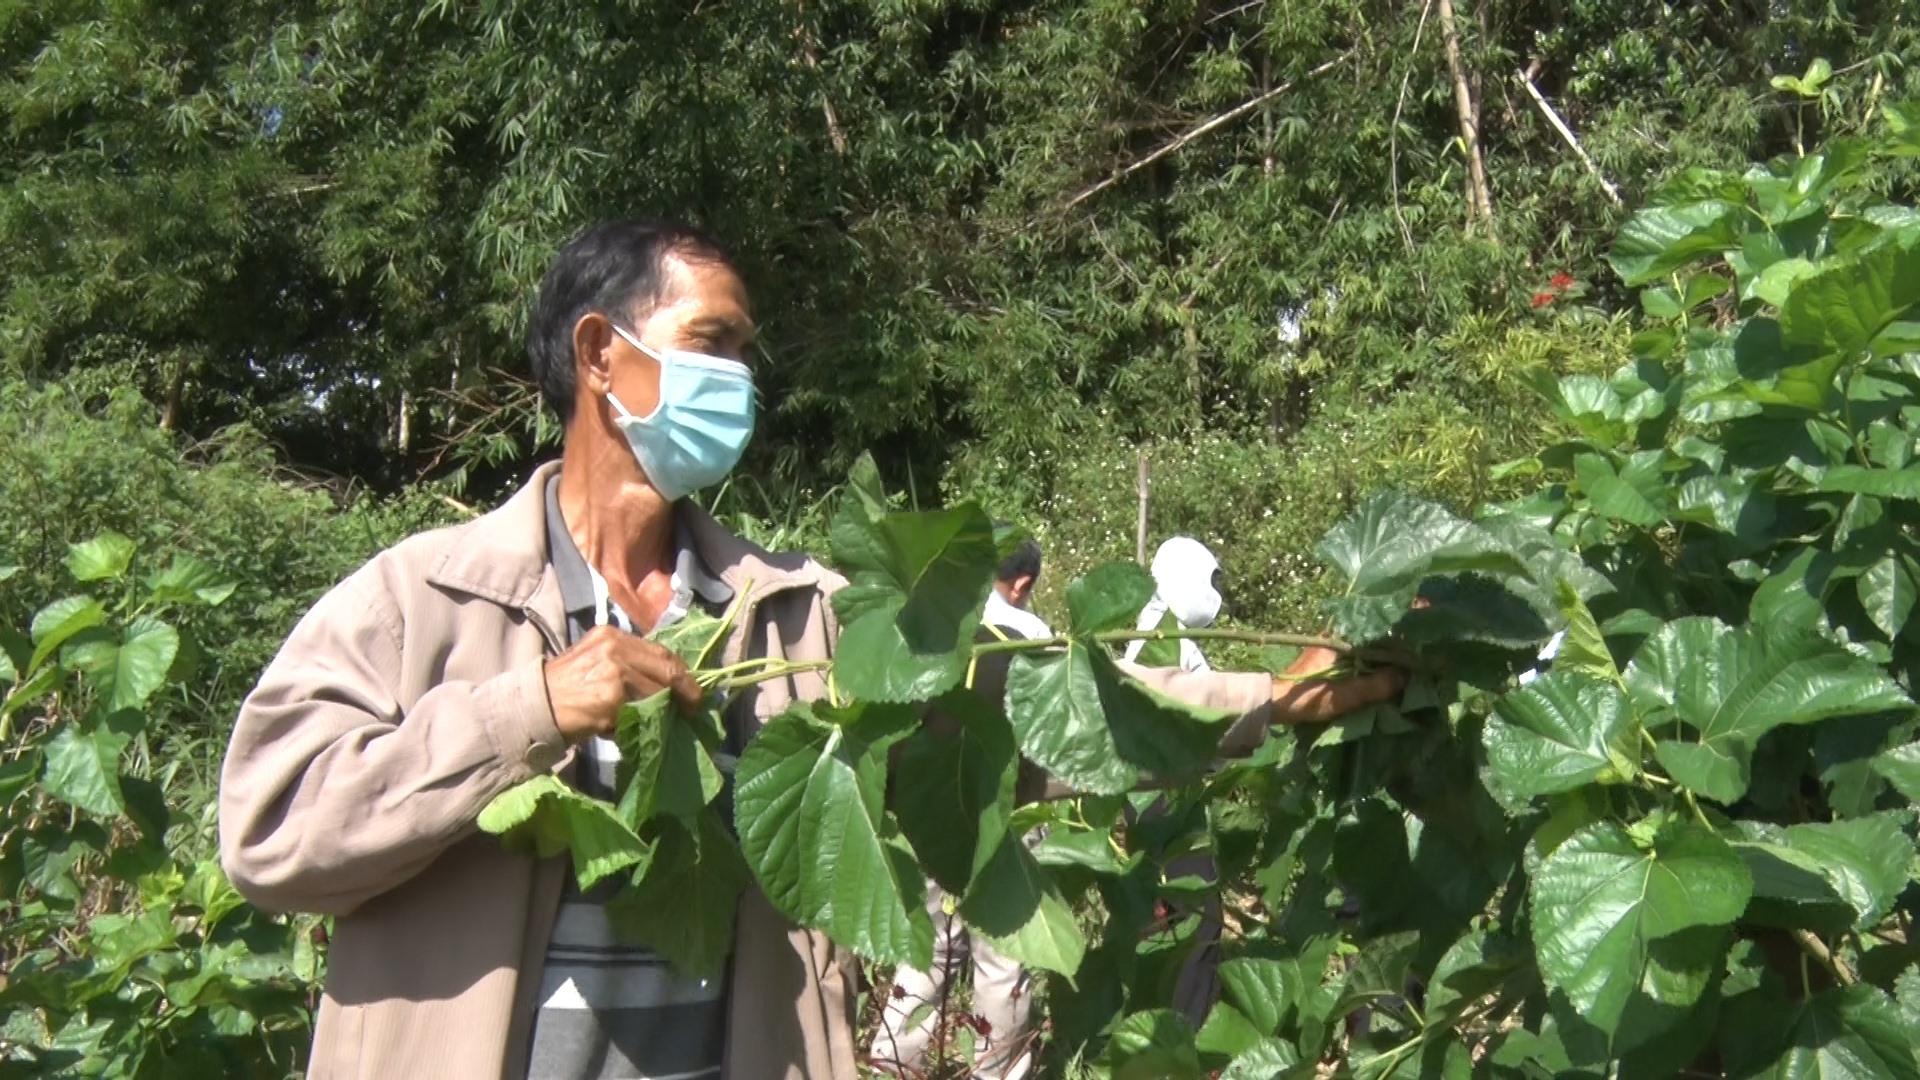 Giống dâu mới S7-CB được trồng thử nghiệm tại thôn Đại Bình (xã Quế Trung, Nông Sơn) đạt năng suất hơn 25 tấn/ha. Ảnh: LÊ THÔNG